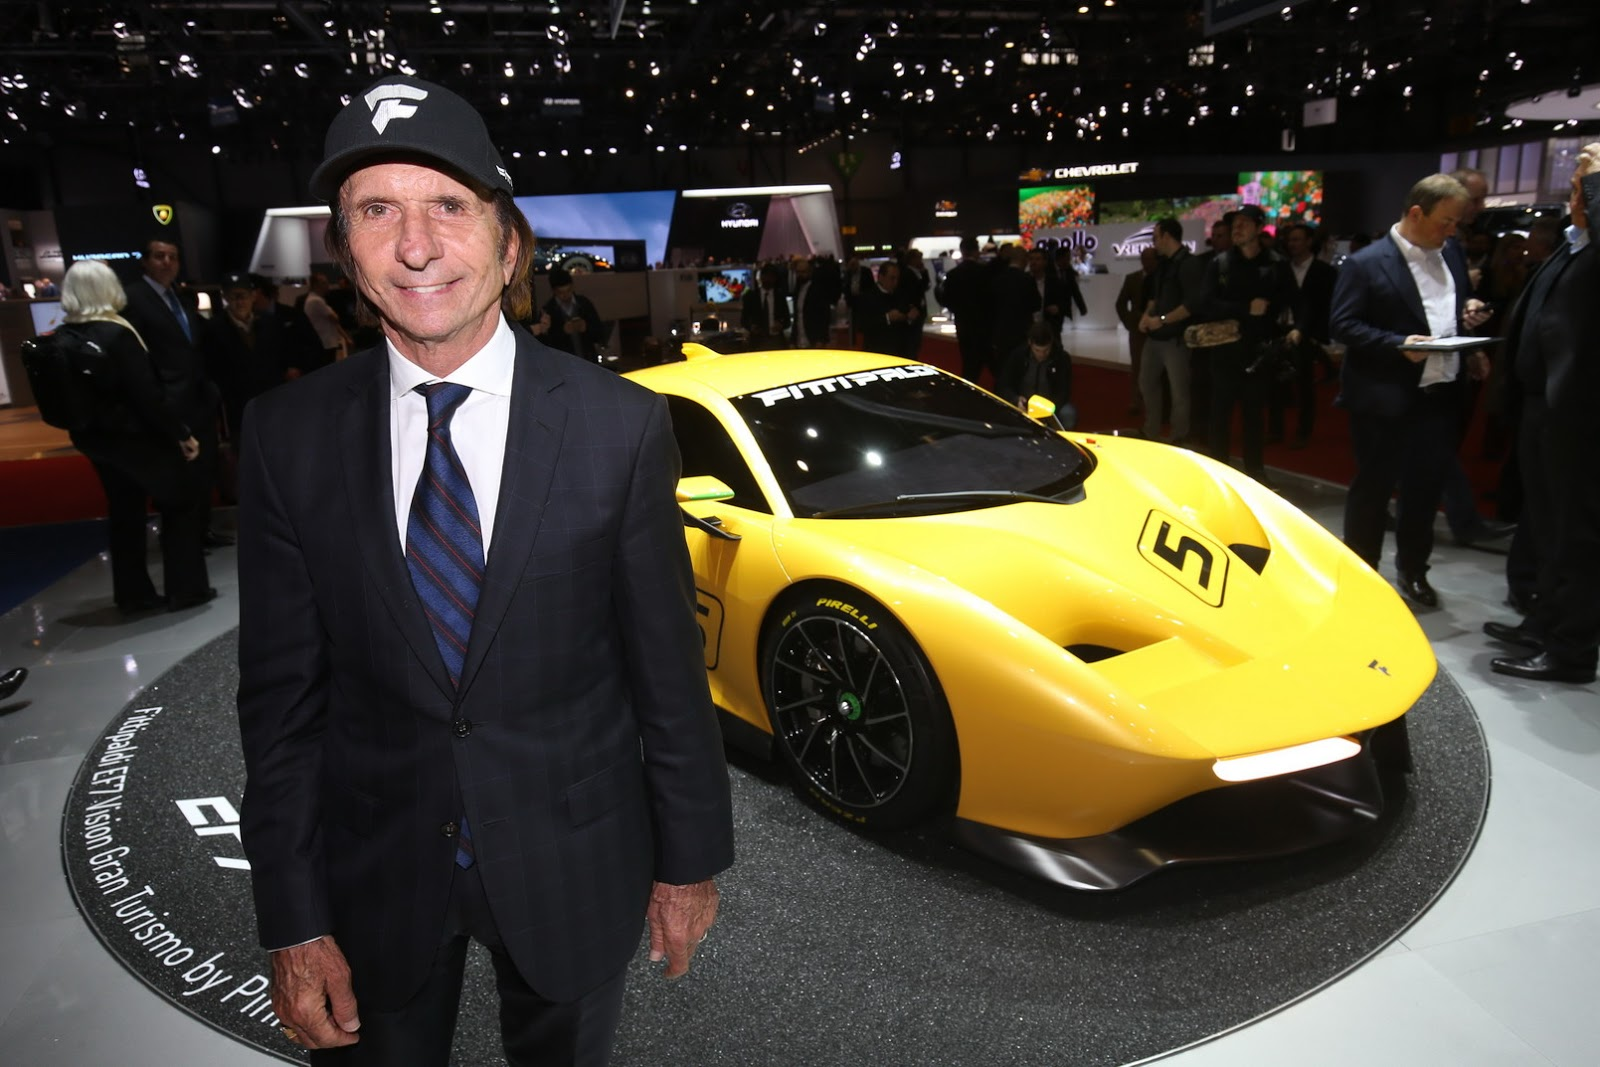 Fittipaldi EF7 Vision Gran Turismo in Geneva 2017 (9)